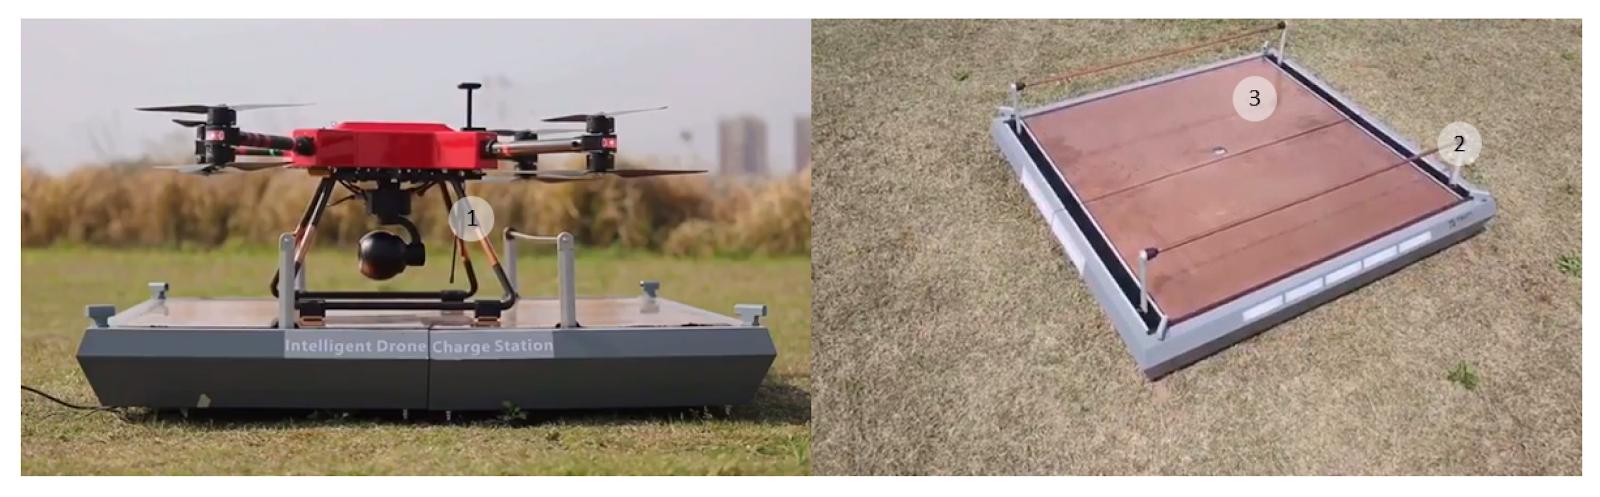 Платформа Ewatt Aerospace. 1 - опора БЛА с электродами; 2 - посадочная площадка; 3 - толкатели с электродами